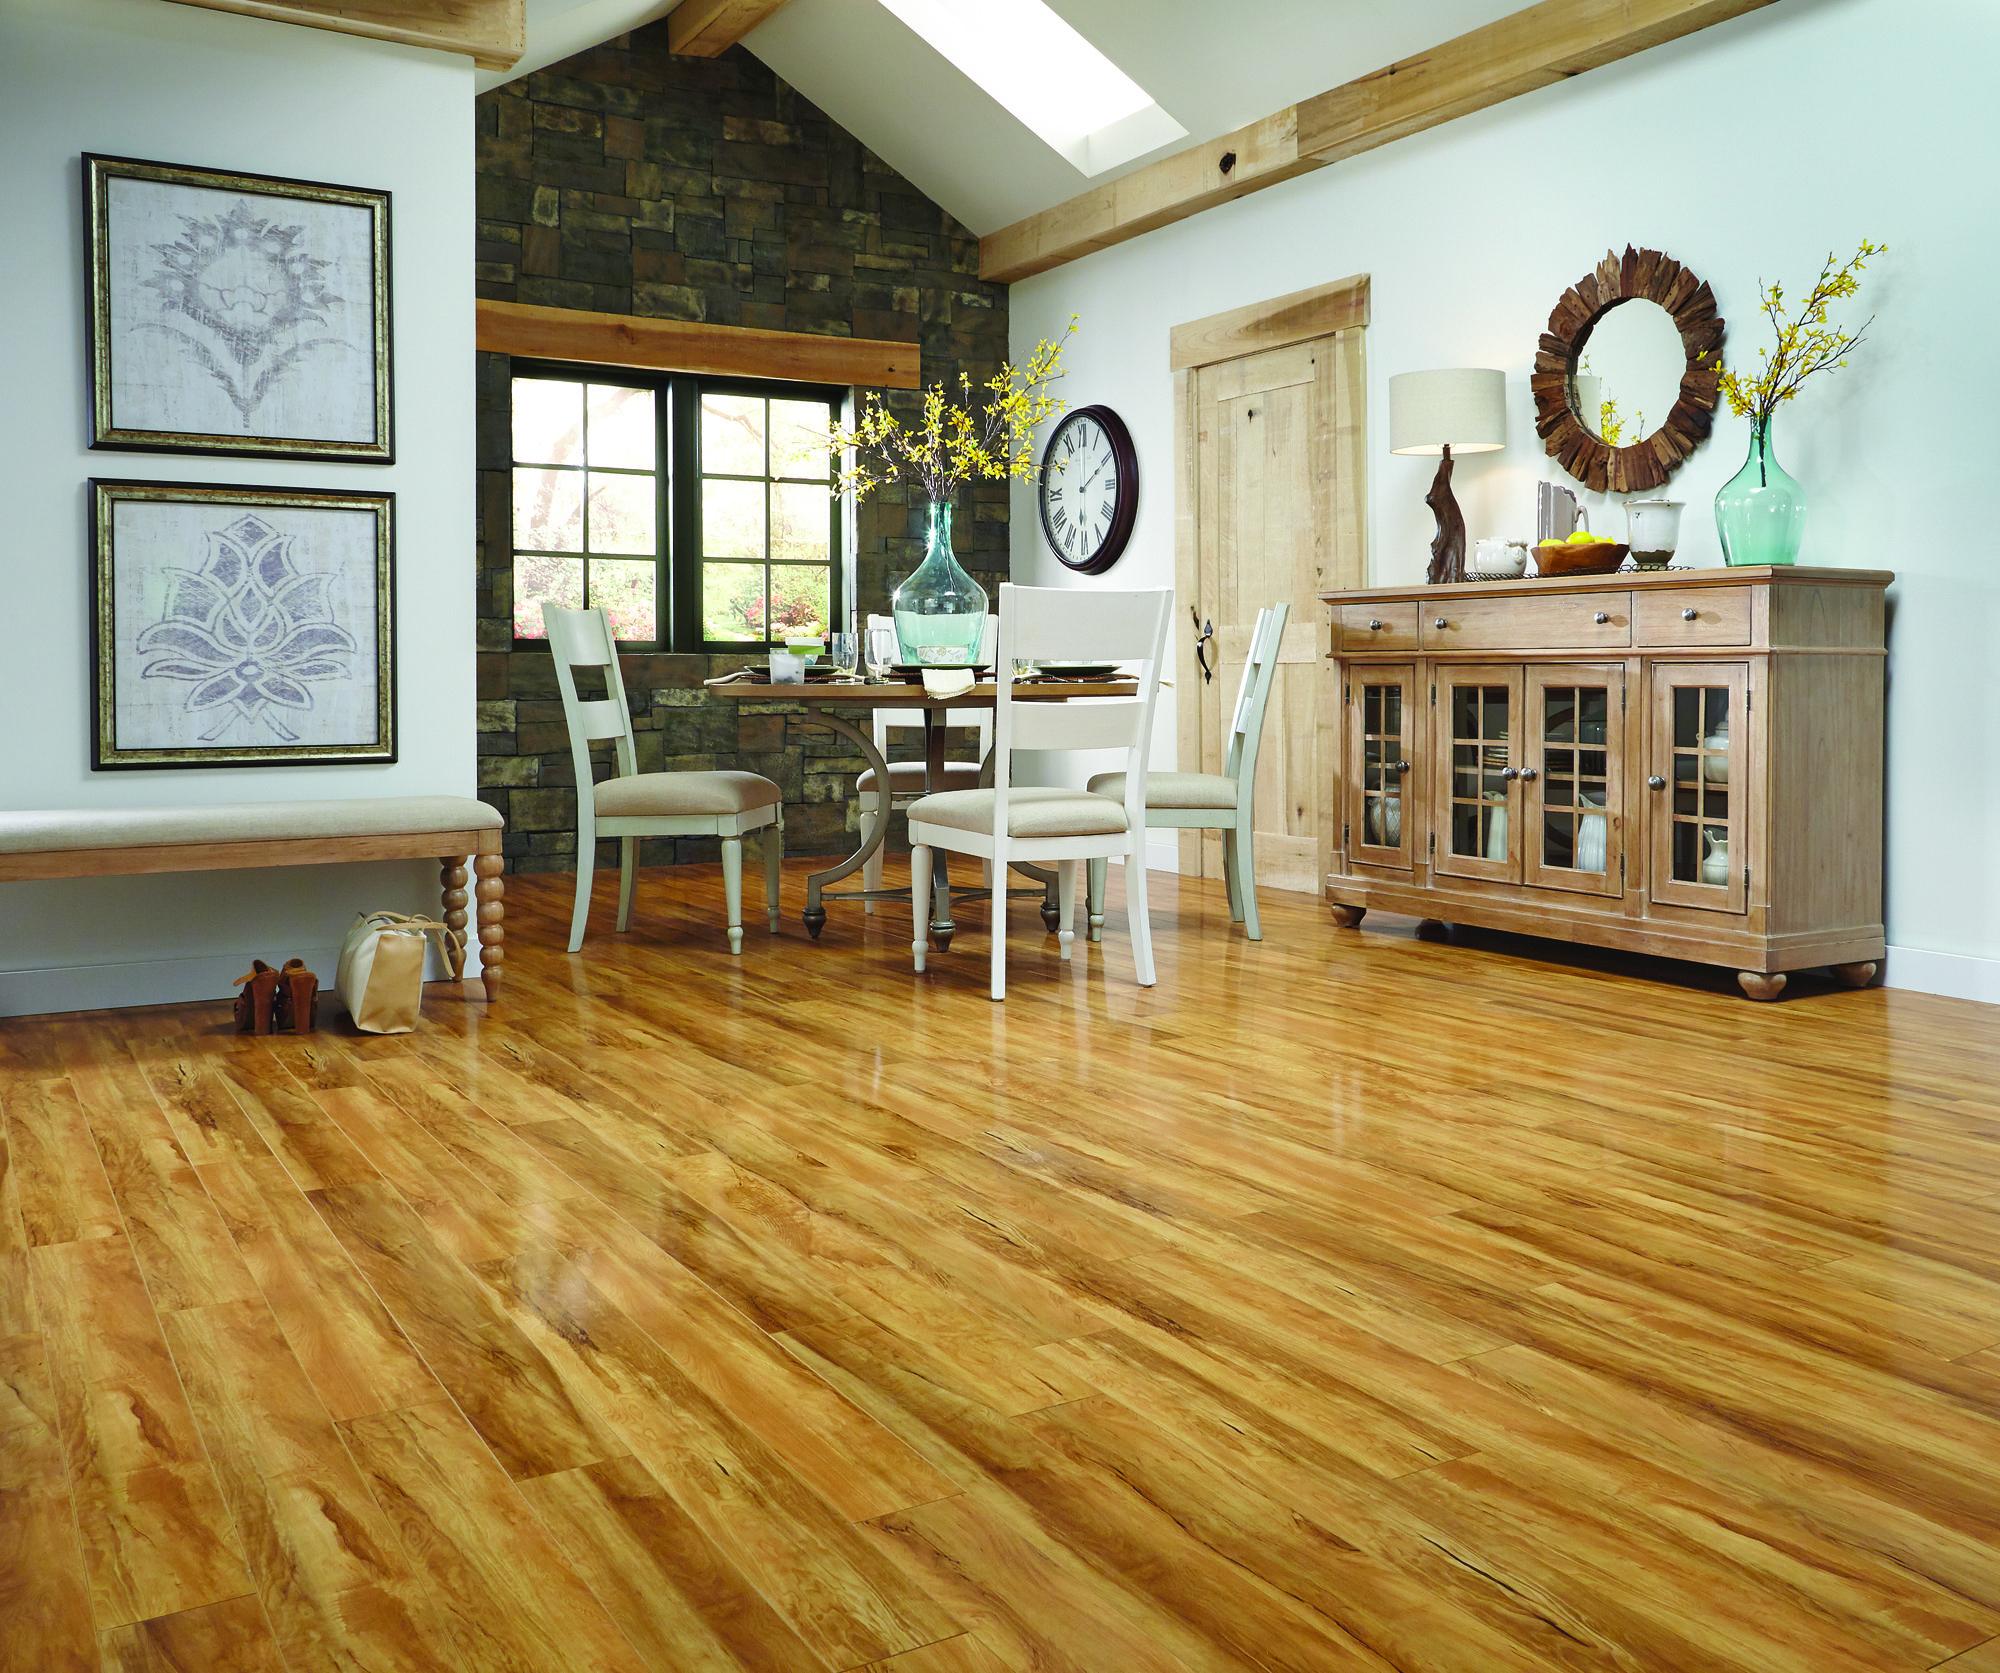 Americas mission olive floors laminate pinterest for Ispiri laminate flooring